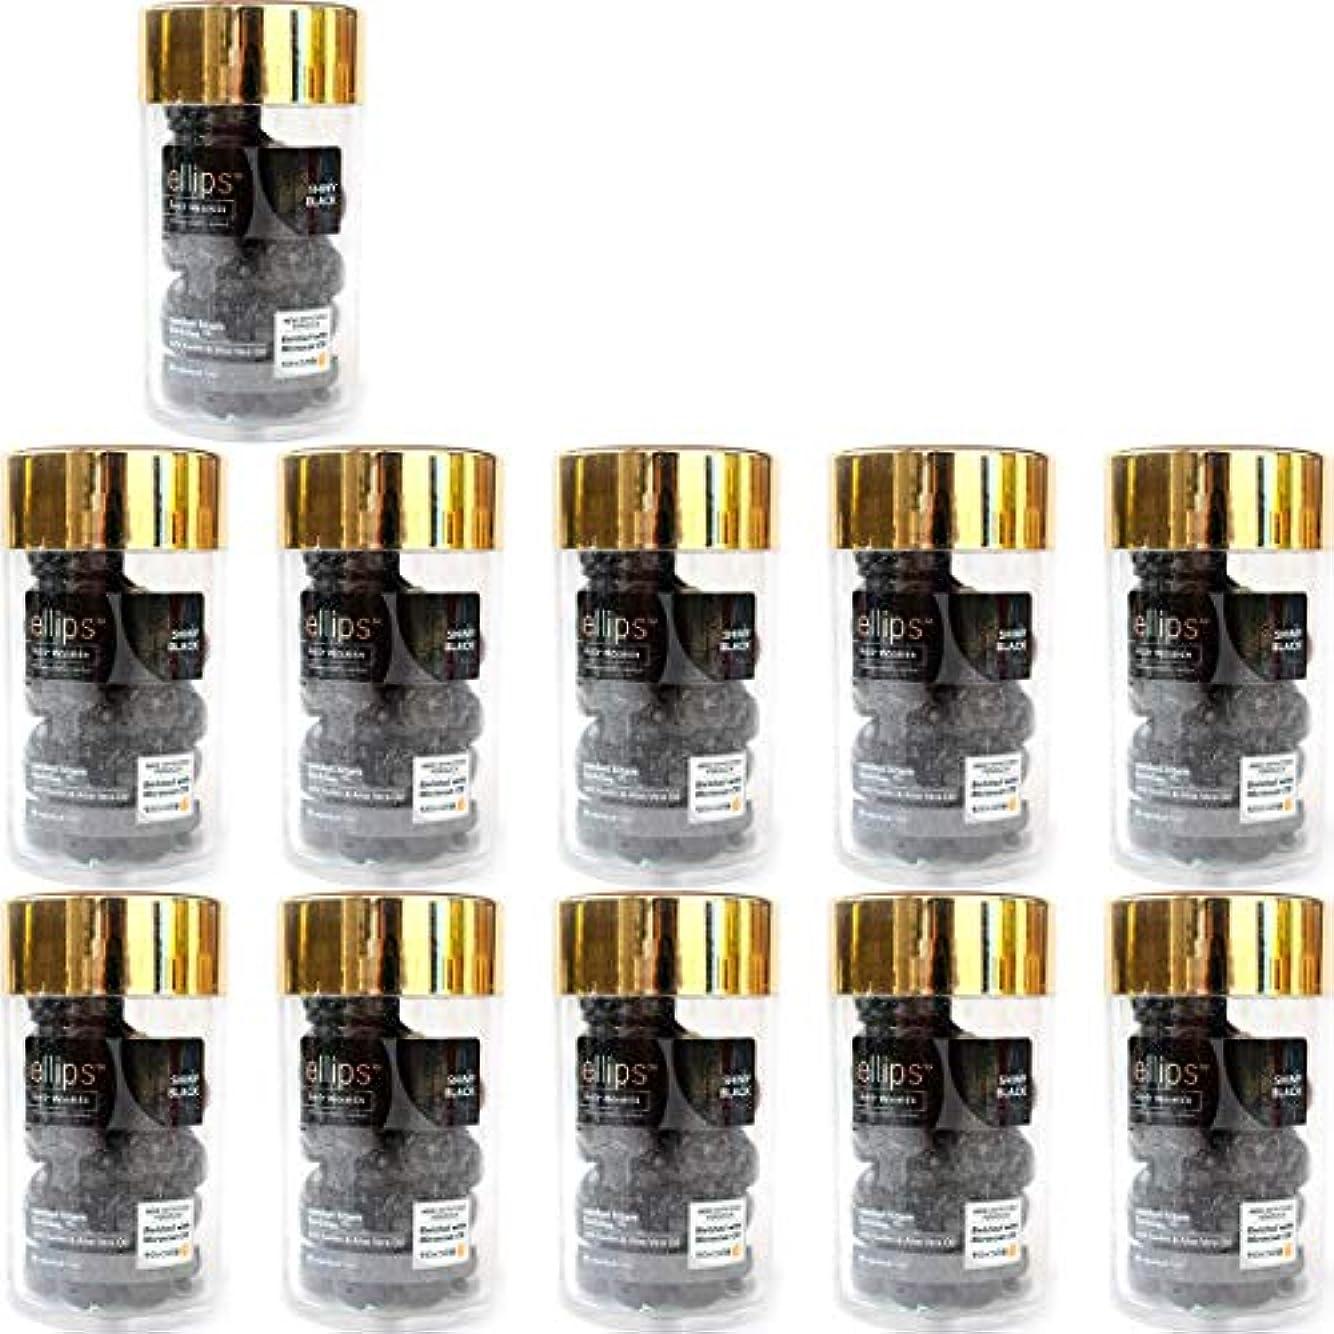 ナット旧正月しないellips エリプス ヘアビタミン ヘアオイル エリップス トリートメント ナチュラルシリーズ 50粒入ボトル ブラック 11個セット [海外直送品]